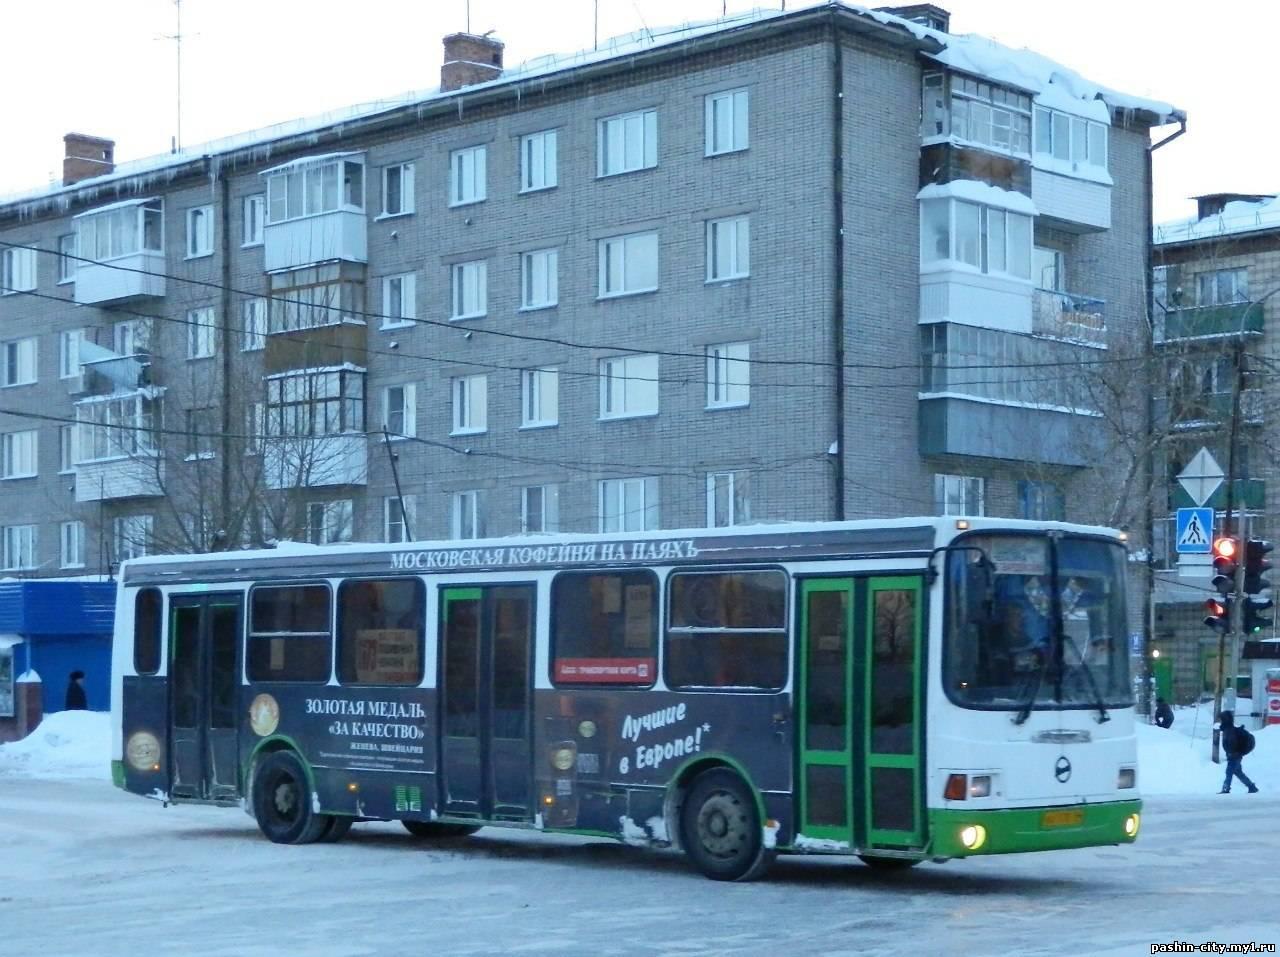 городской транспорт новосибирска муцугаэт